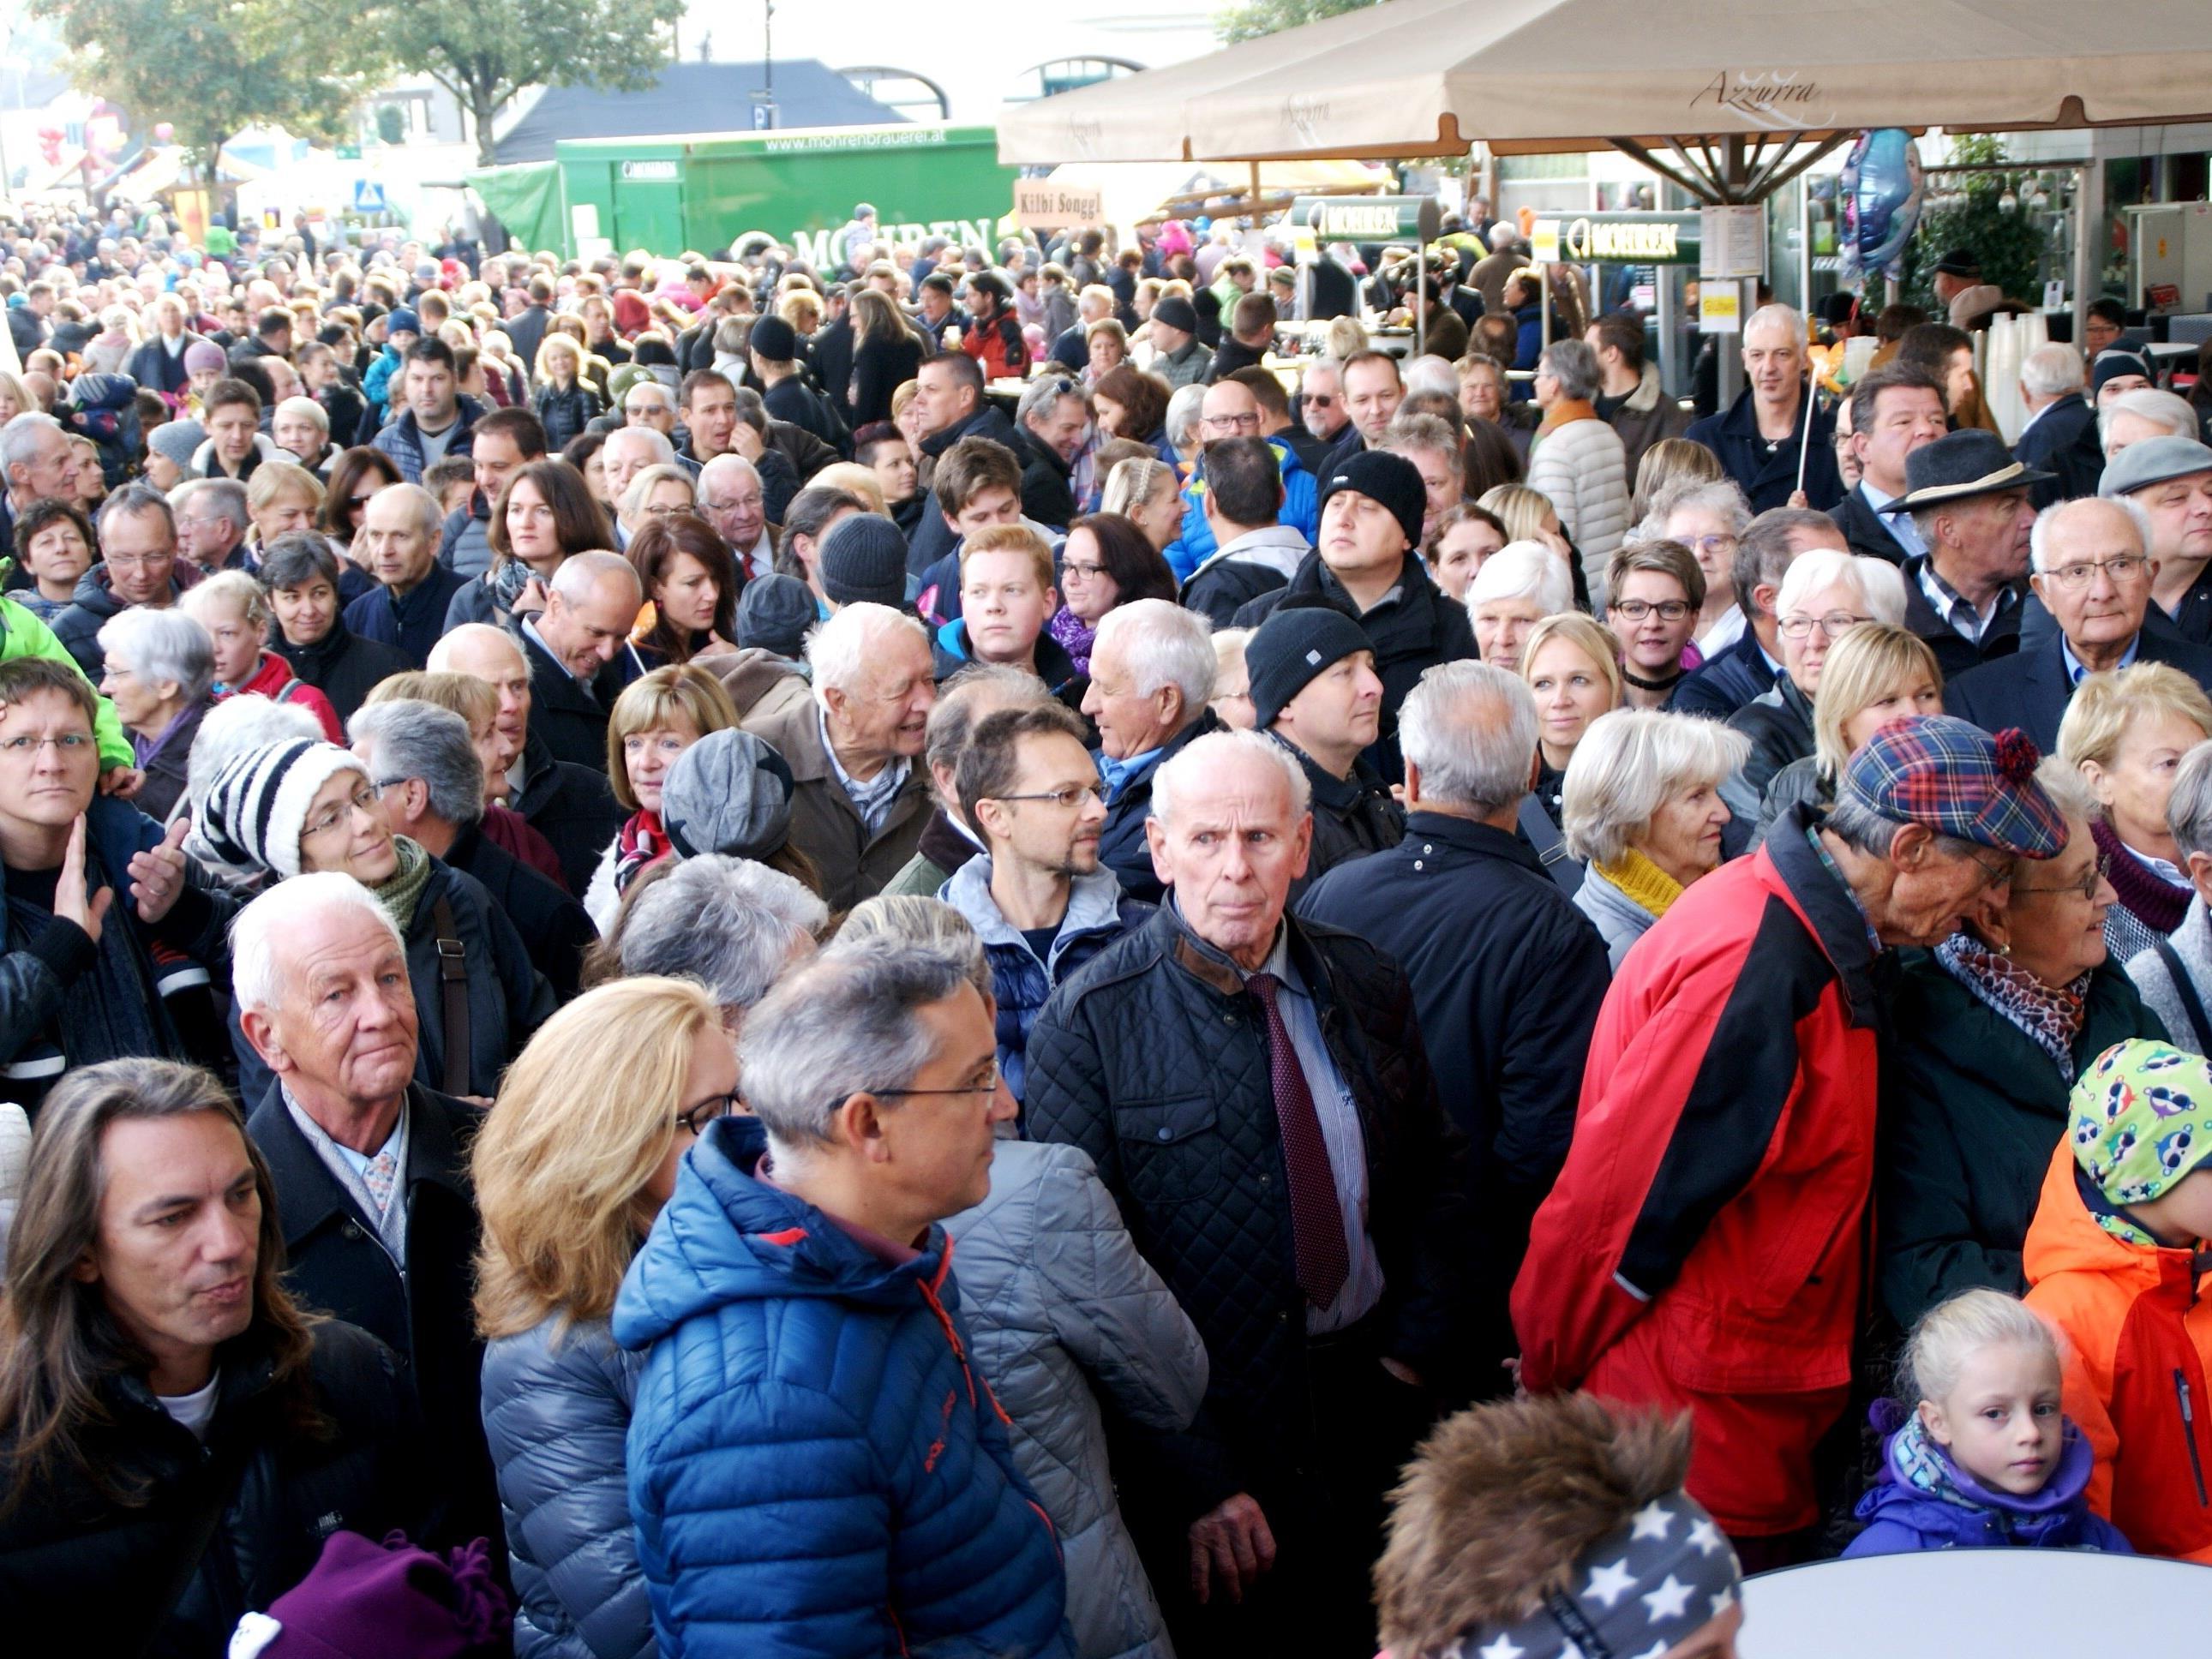 Tausende Besucher verbrachten den Sonntag auf der Luschnouar Kilbi